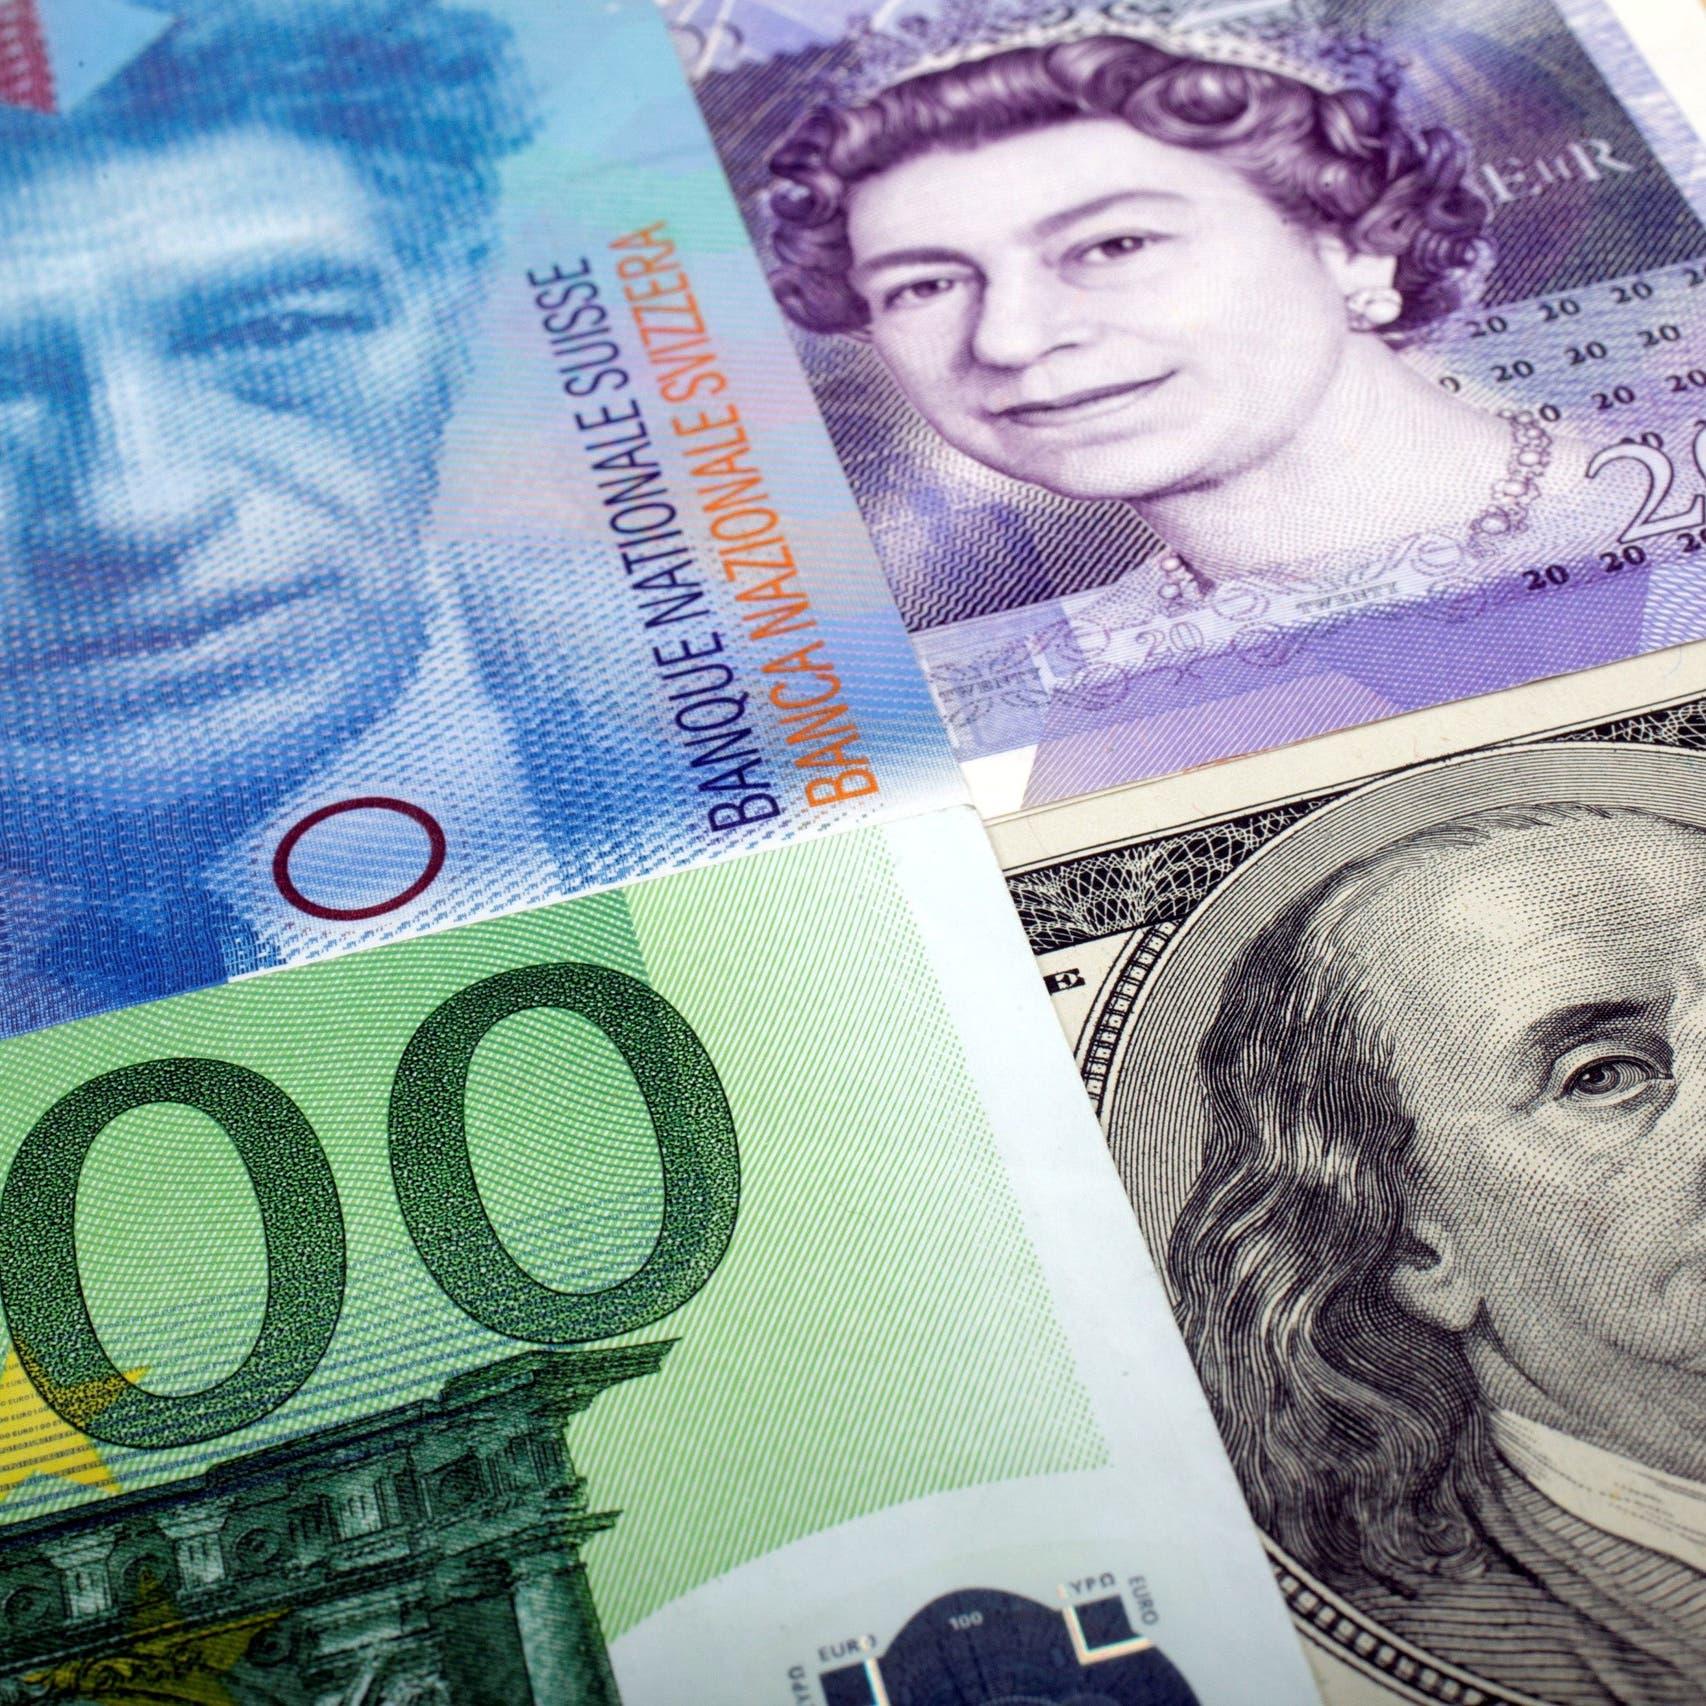 الدولار يقاوم في ظل انخفاض عوائد السندات الأميركية